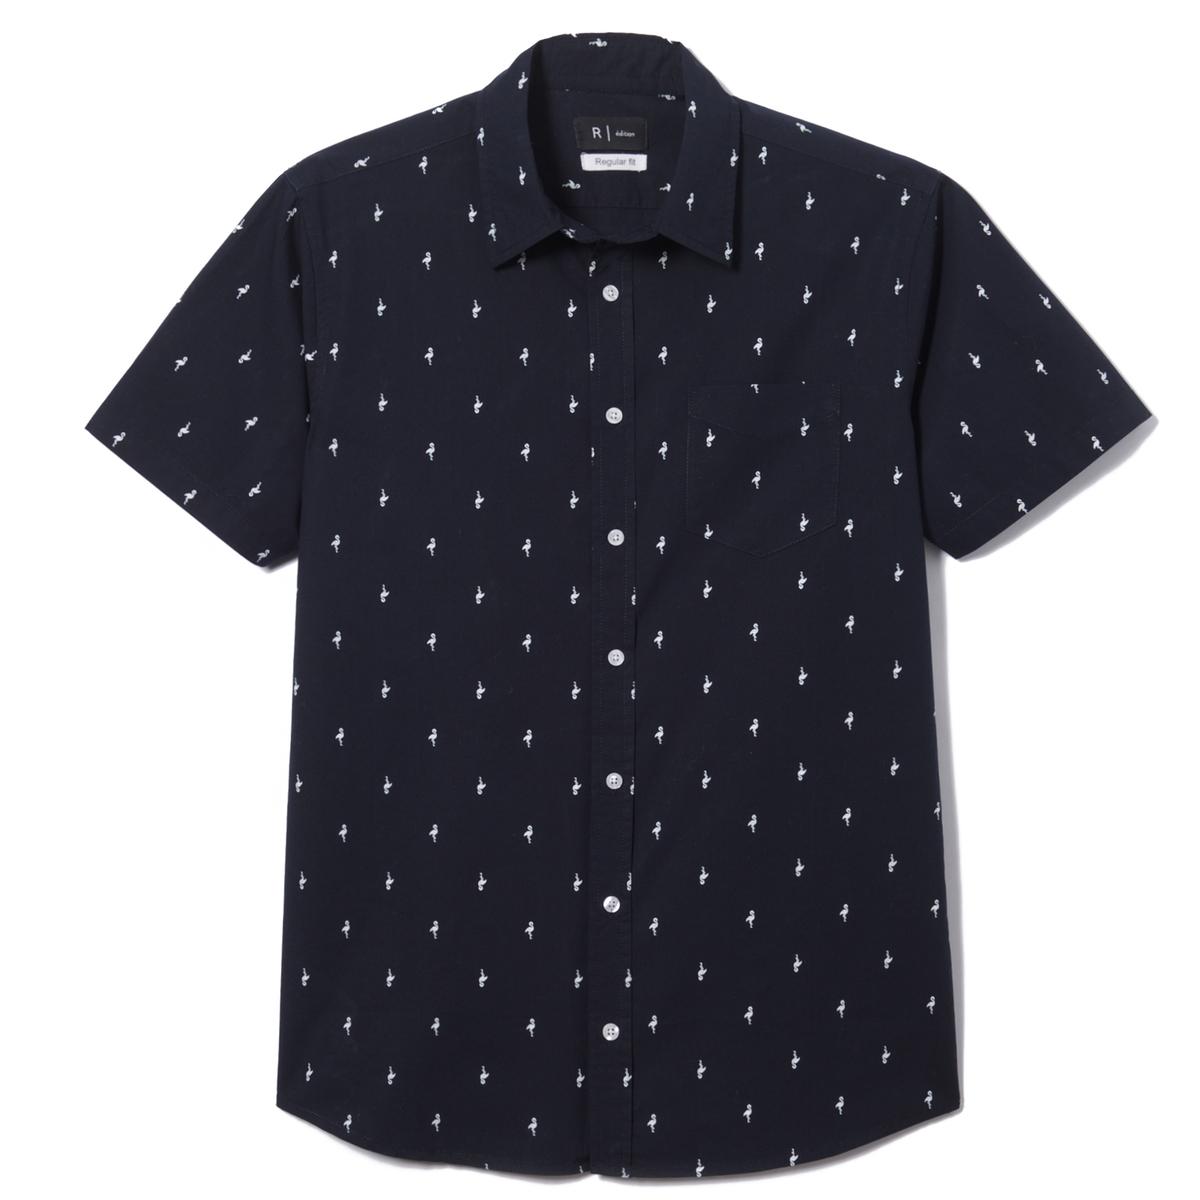 Рубашка с рисунком стандартного покрояРубашка с рисунком, короткие рукава. Прямой покрой, классический воротник со свободными уголками. 1 нагрудный карман. Закругленный низ. Принт « розовый фламинго »  .Состав и описание :Материал  55% хлопка, 45% полиэстера  Марка  R ?ditionДлина  79 см  Уход:Машинная стирка при 40 °ССтирать с вещами подобного цвета с изнанки   Отбеливание запрещеноГладить при умеренной температуреГладить с изнаночной стороныСухая (химическая) чистка запрещенаМашинная сушка запрещена<br><br>Цвет: рисунок/фон темно-синий<br>Размер: 35/36.37/38.41/42.45/46